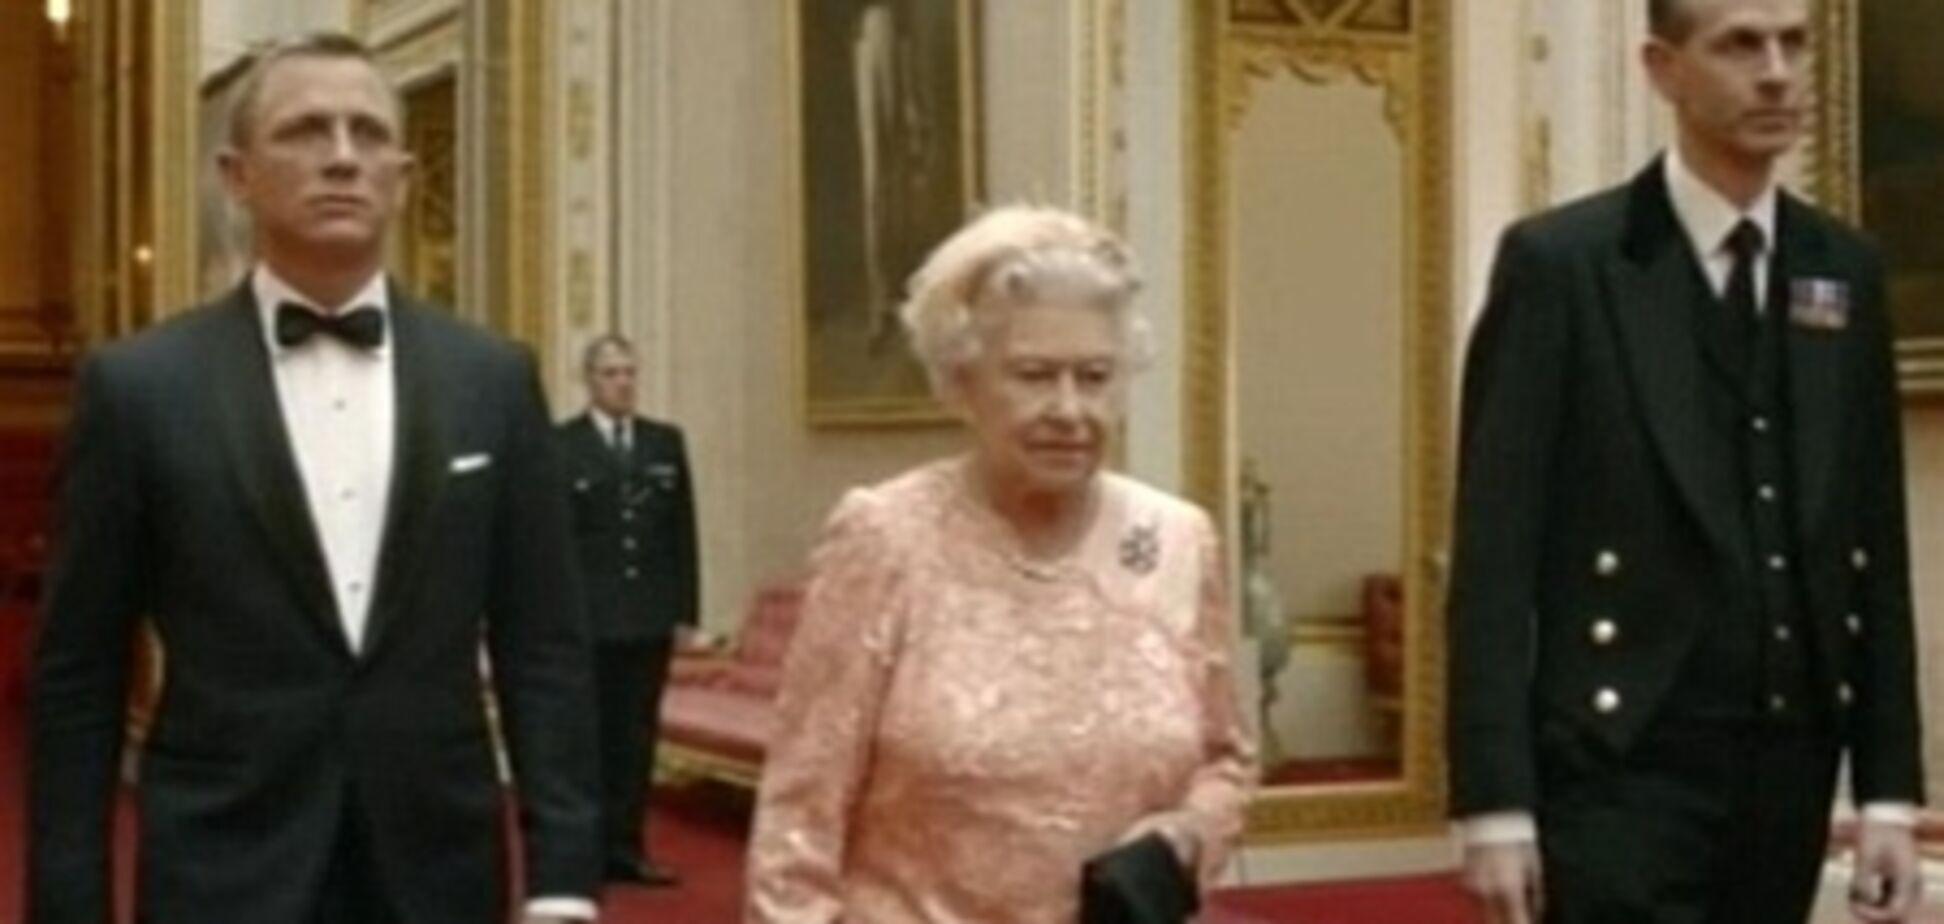 Єлизавета ІІ зіграла дівчину Бонда